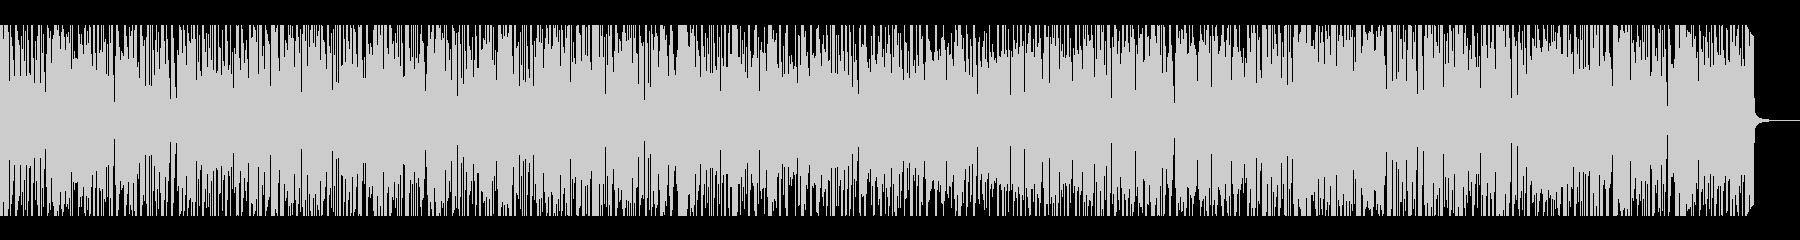 ノリの良いファンク、ナレーションバックの未再生の波形